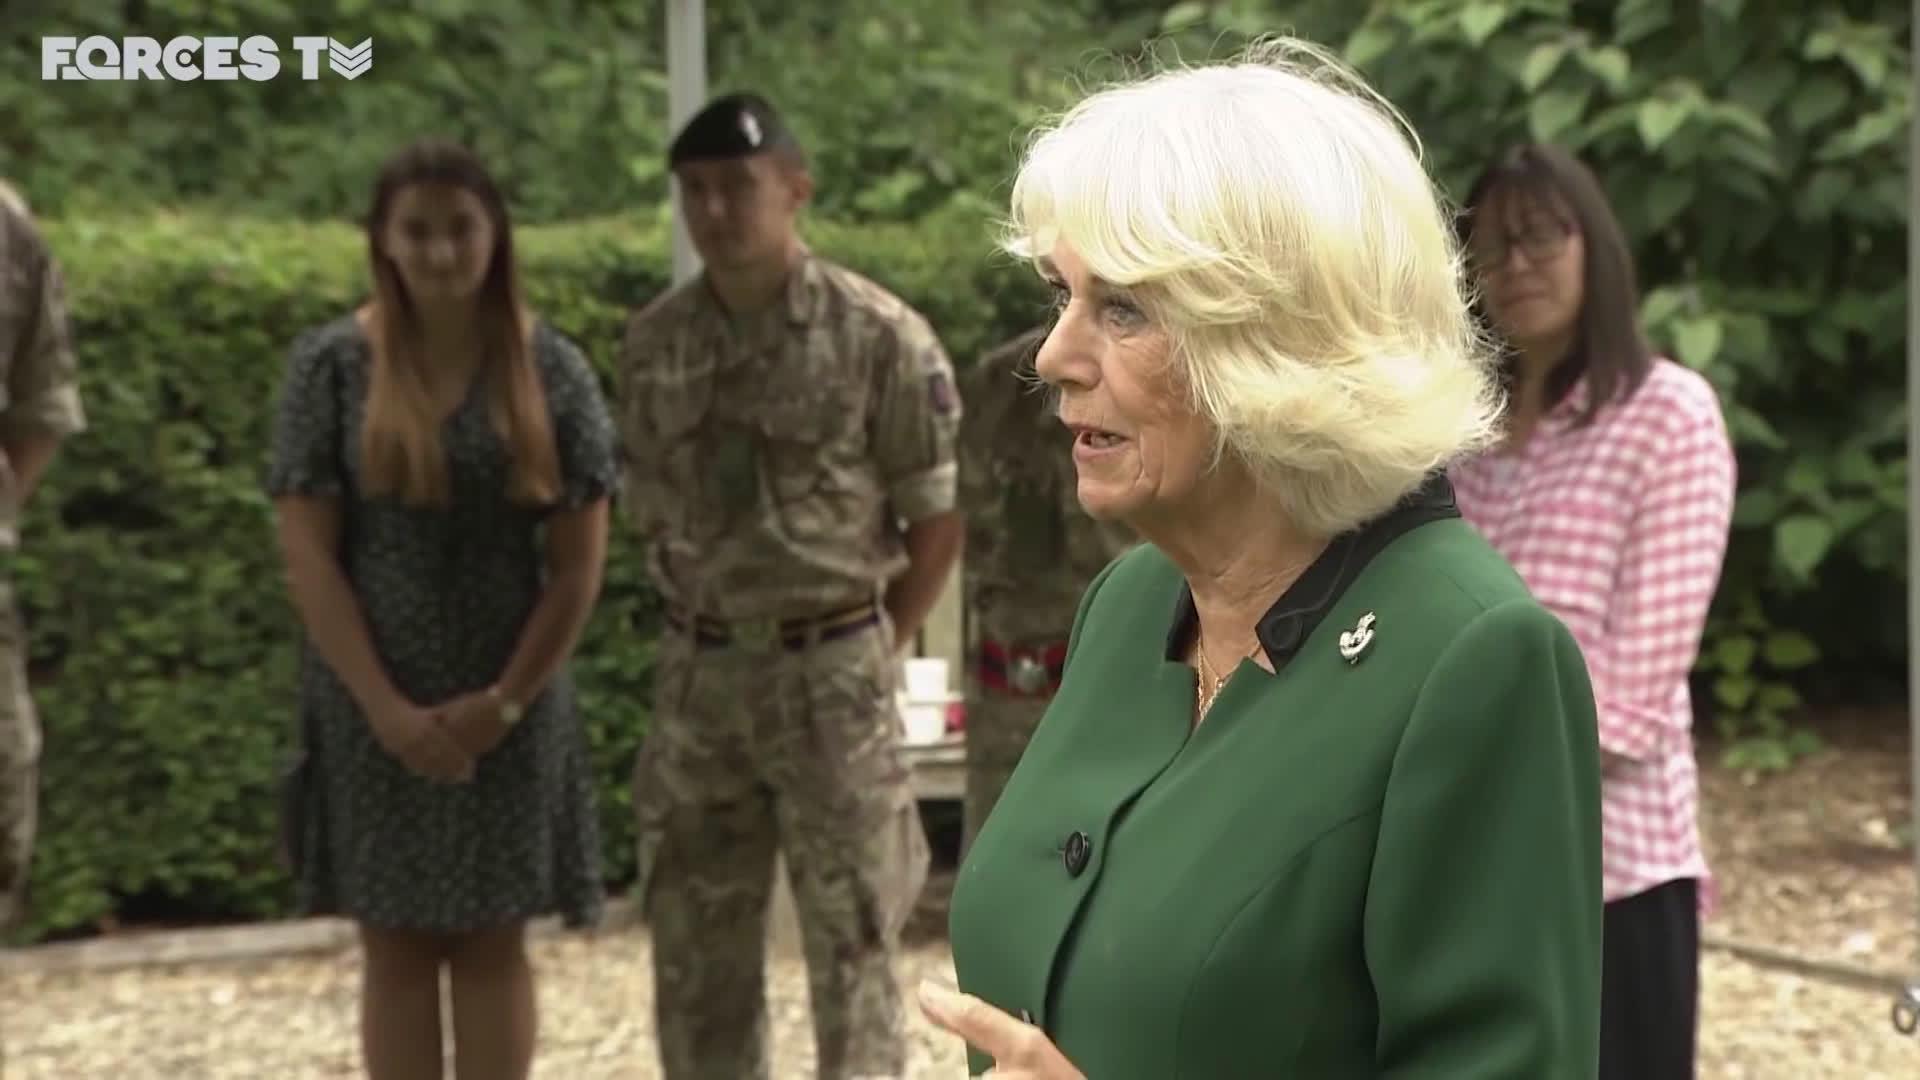 康沃尔公爵夫人首次作为荣誉团长Colonel-In-Chief访问陆军步枪兵